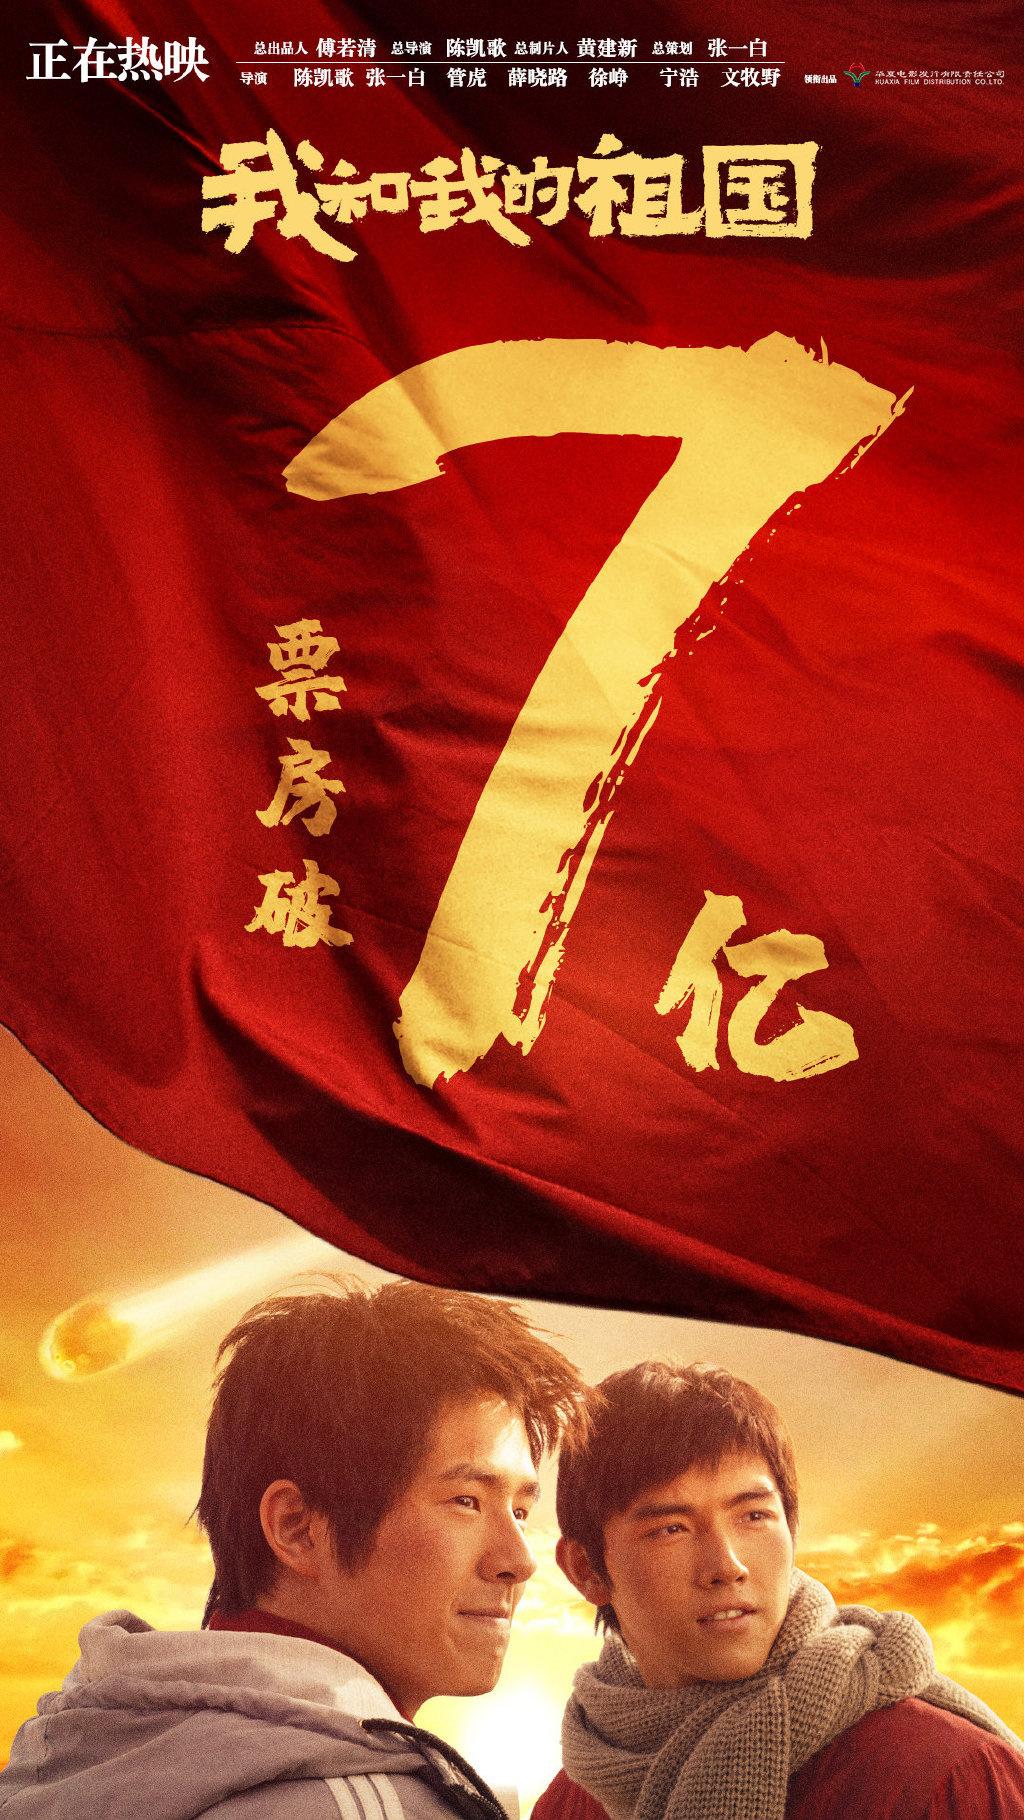 电影《我和我的祖国》领跑国庆档 票房破7亿